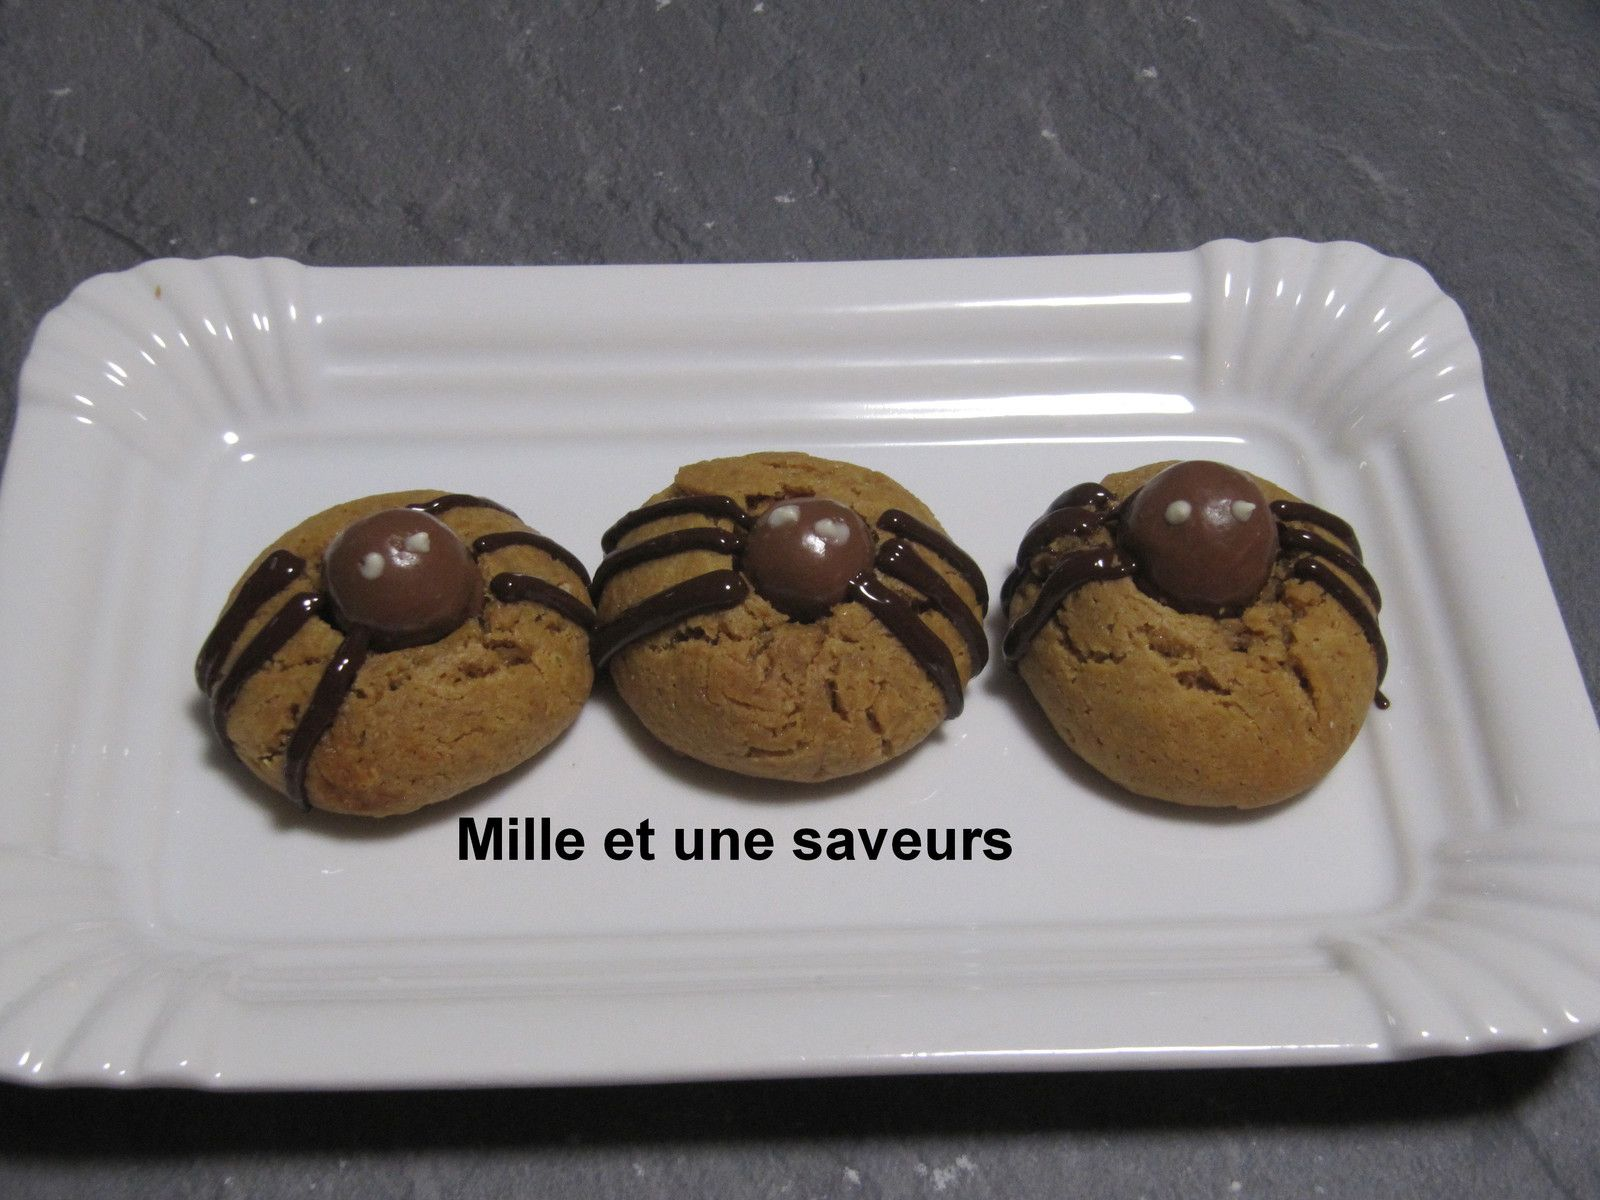 Araignée cookies au beurre de cacahuètes